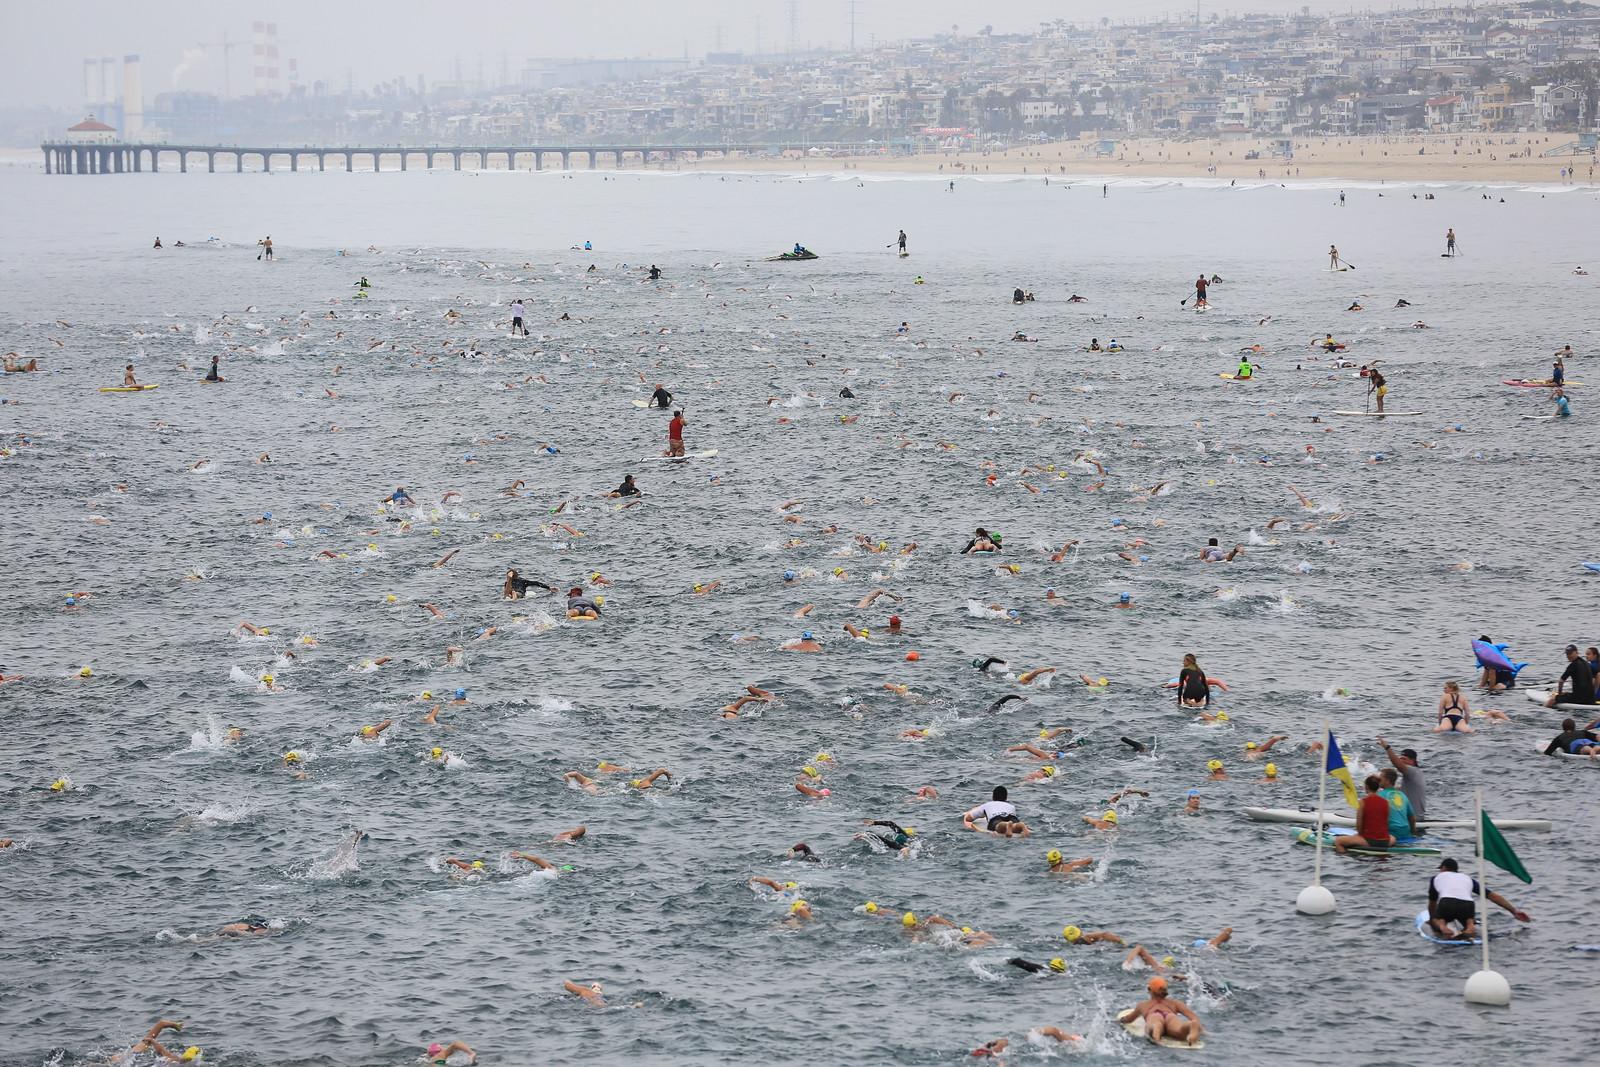 Swimmers in 2016 race